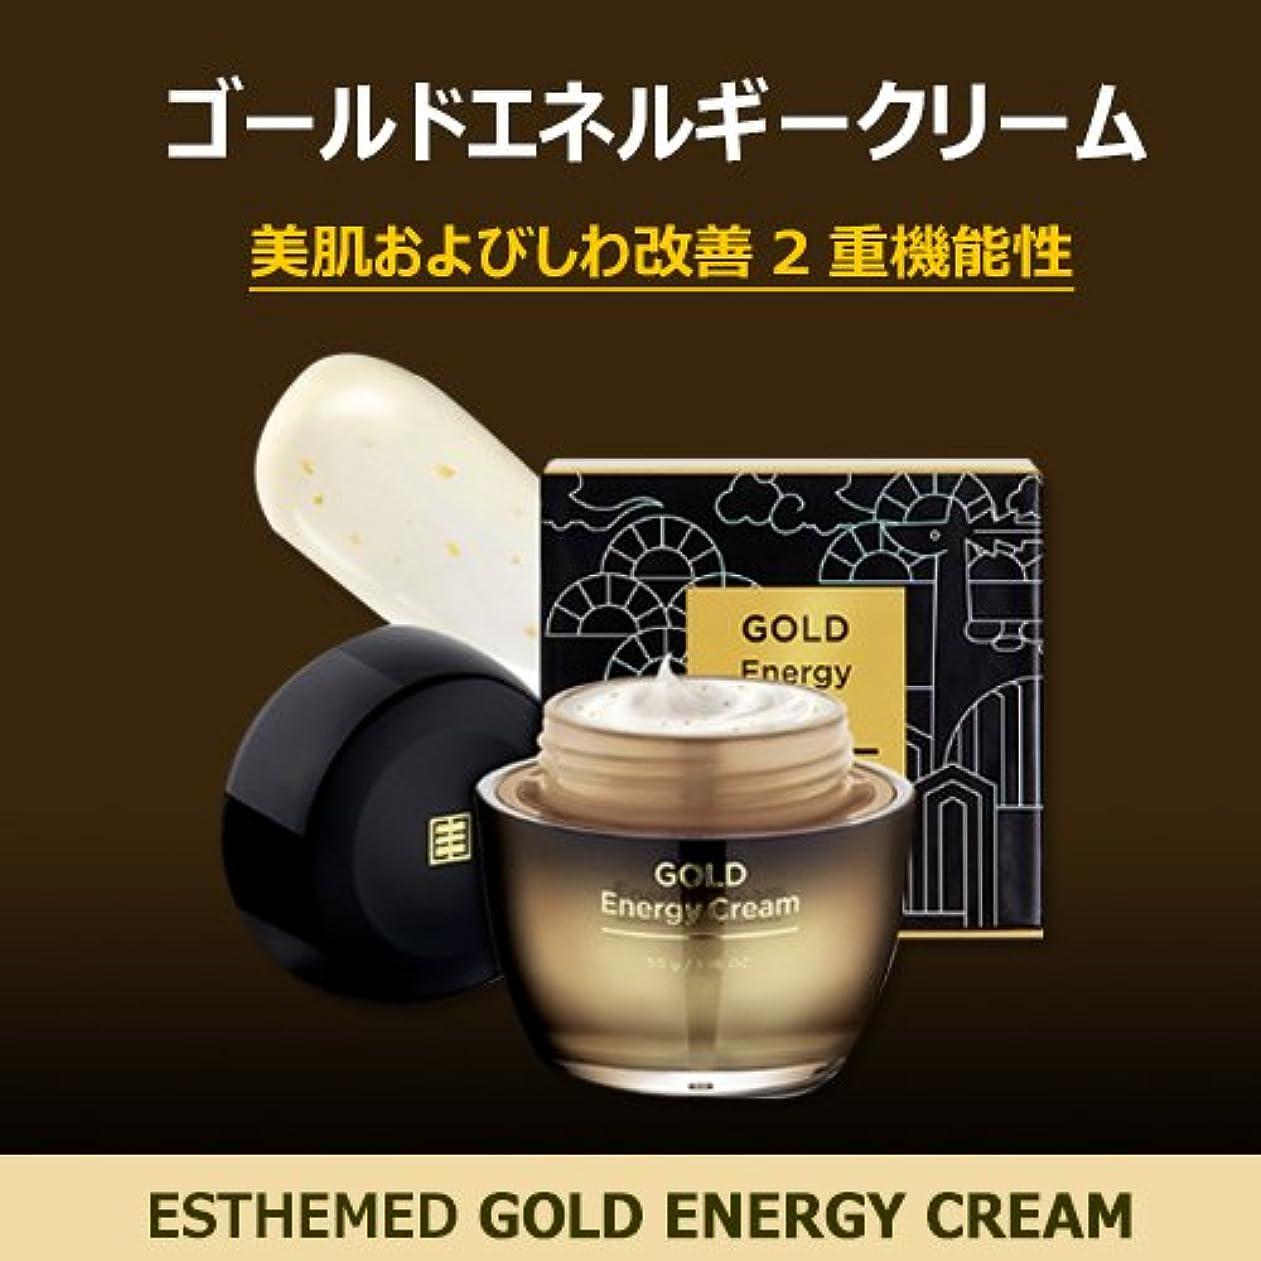 ファン格納識別ESTHEMED エステメド ゴールド エネルギー クリーム GOLD Energy Cream 50g 【 シワ改善 美肌 保湿 回復 韓国コスメ 】